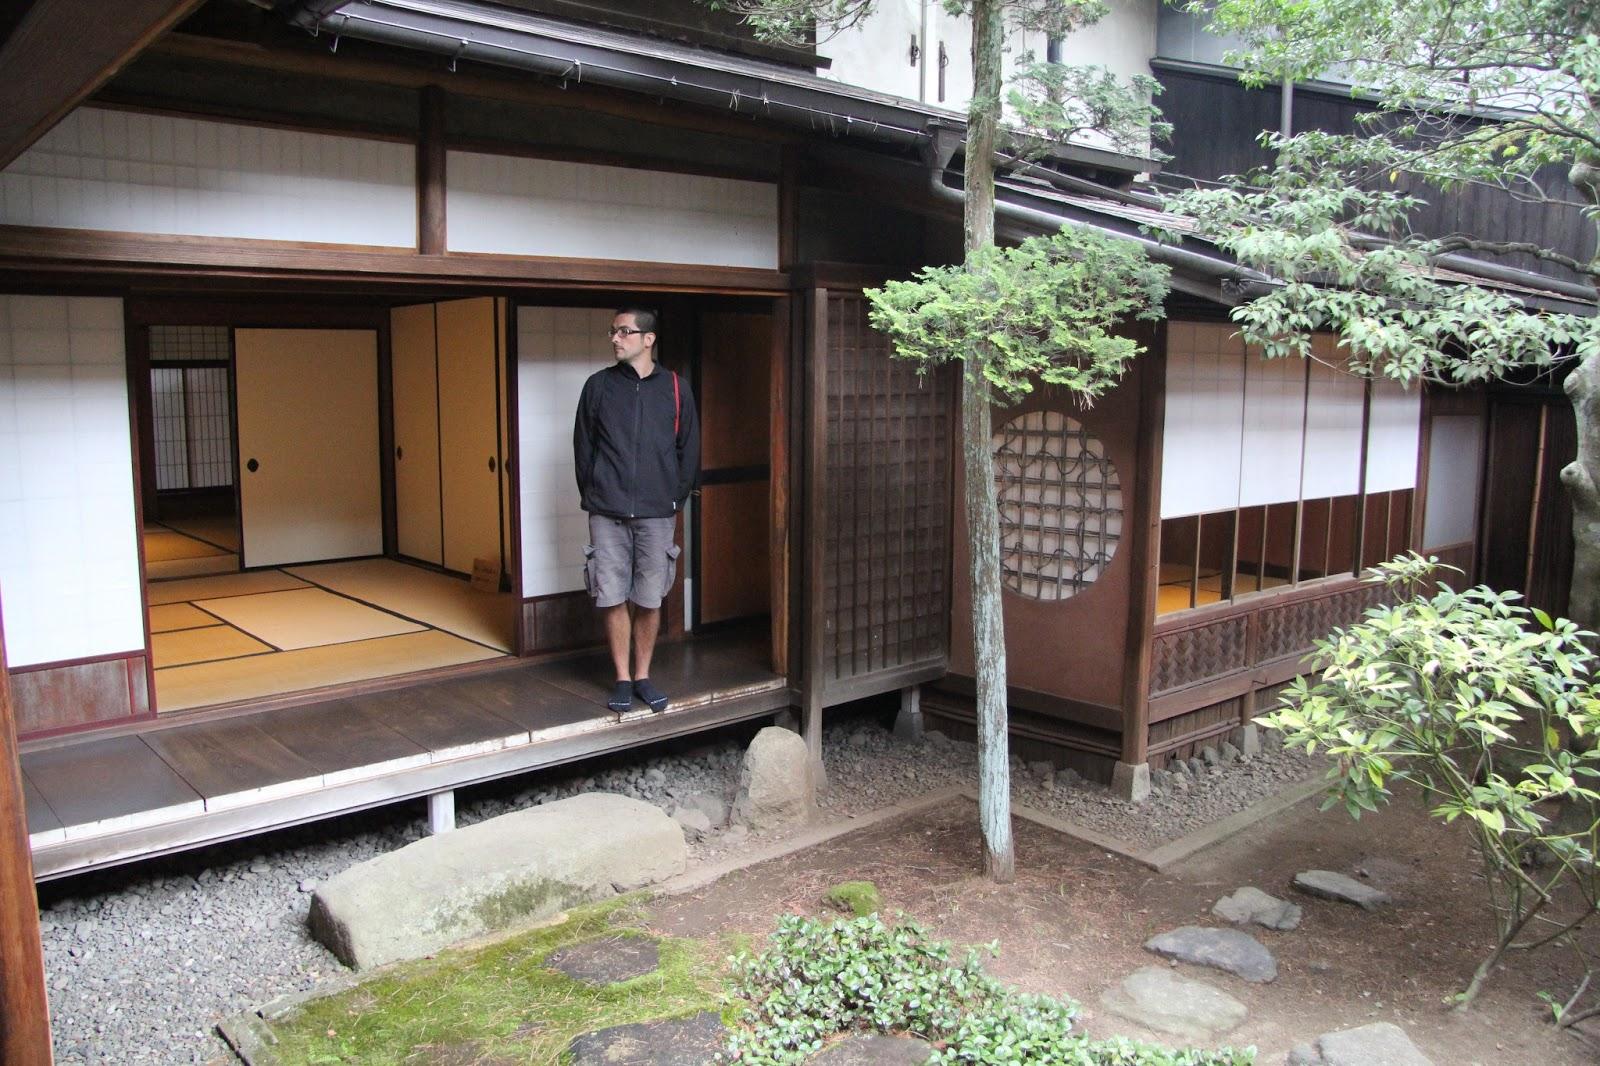 Kon 39 nichiwa en jap n media vuelta al mundo - Casas japonesas tradicionales ...